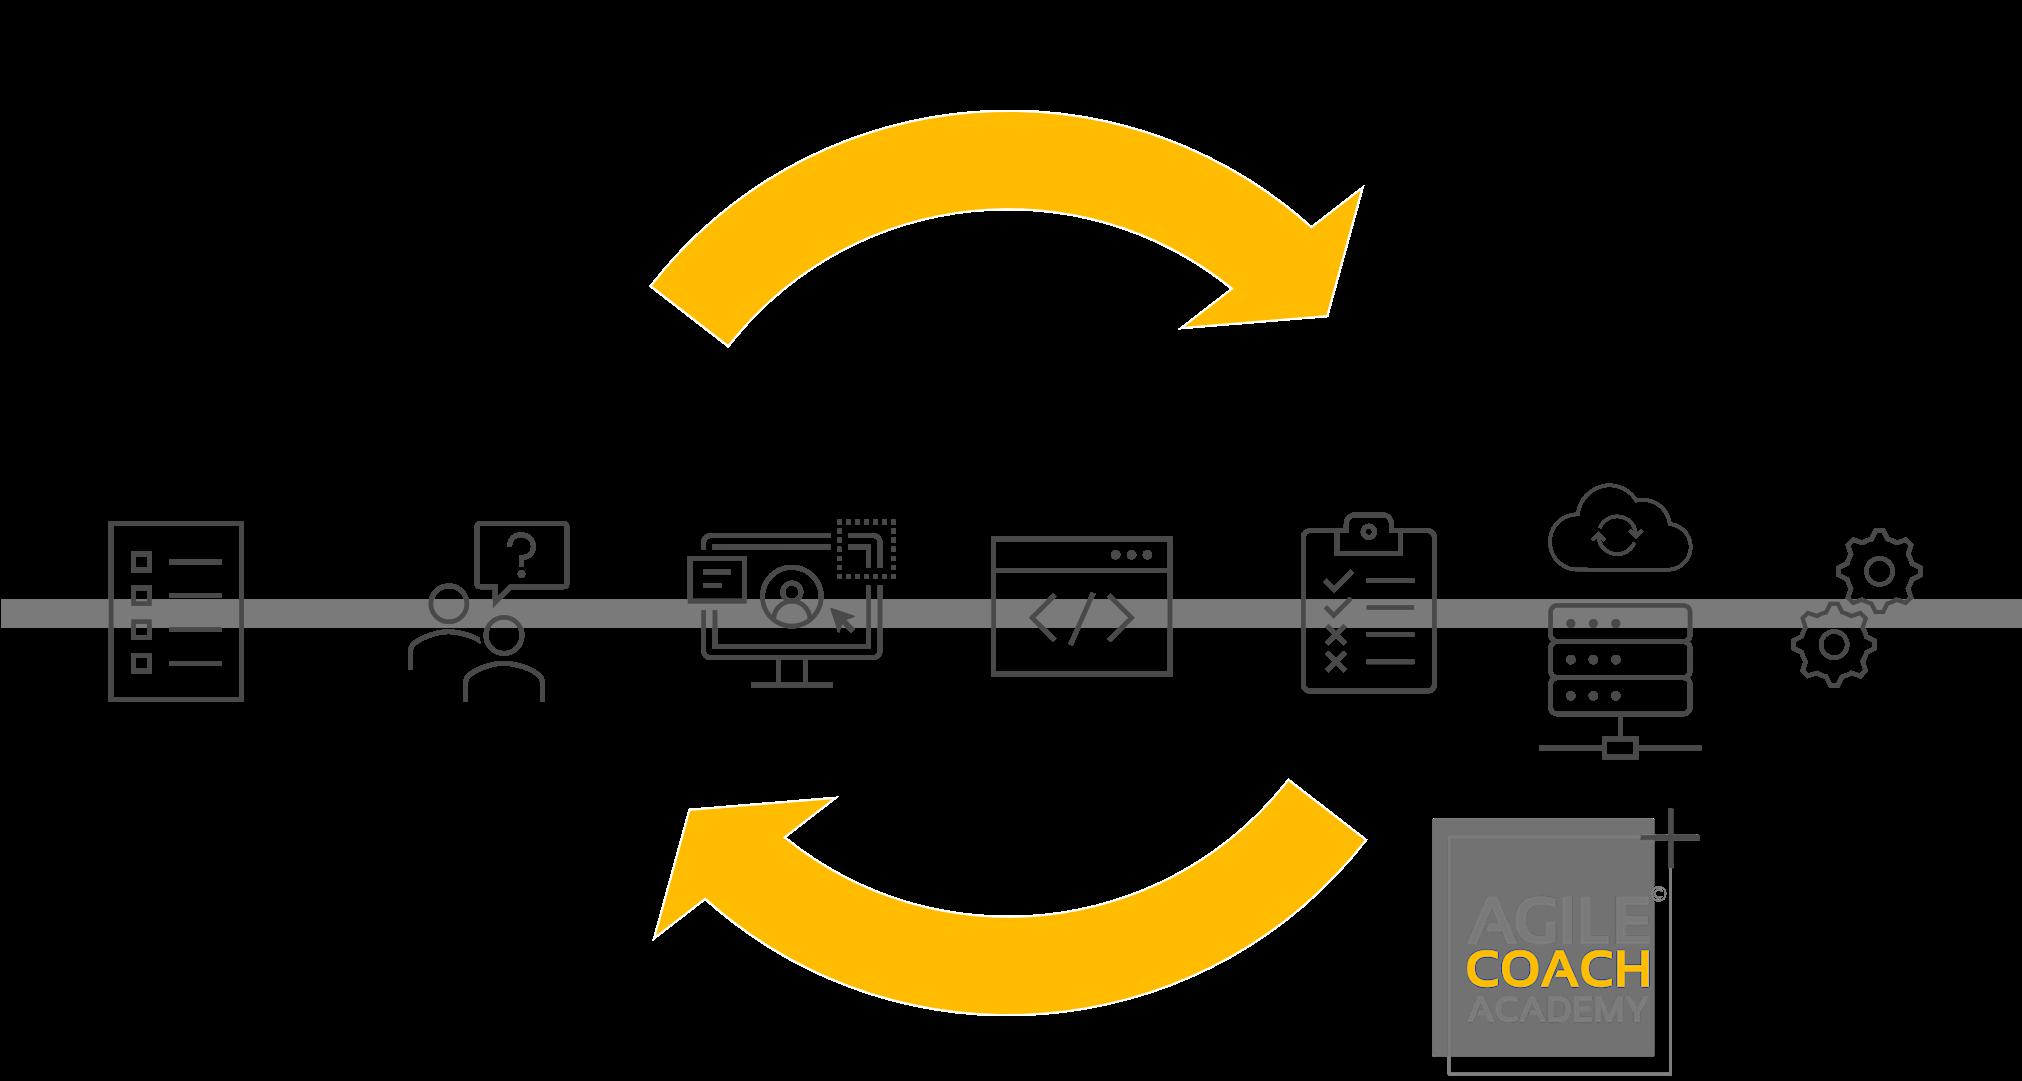 Vorgehensmodell zur Softwareentwicklung (SDLC)